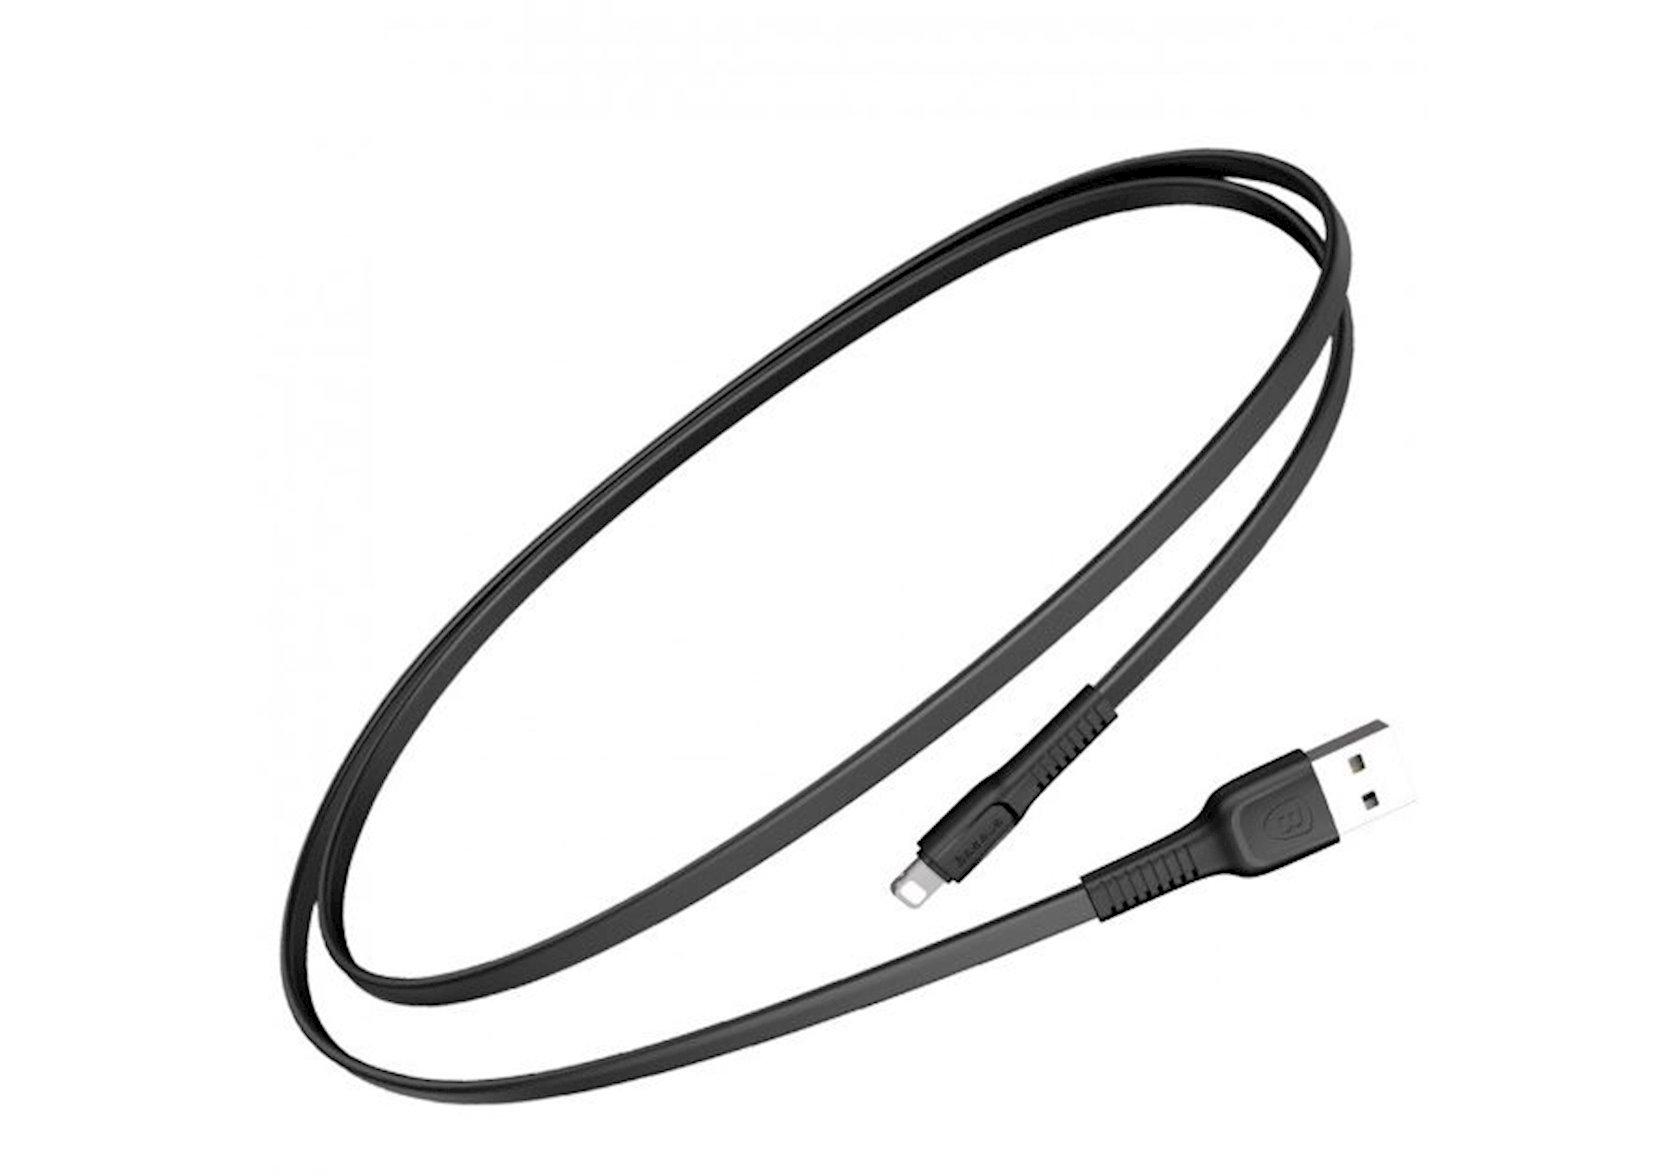 USB Kabel Baseus Tough seriyasından - işıqlı 2A 1m Calzy-B01, qara